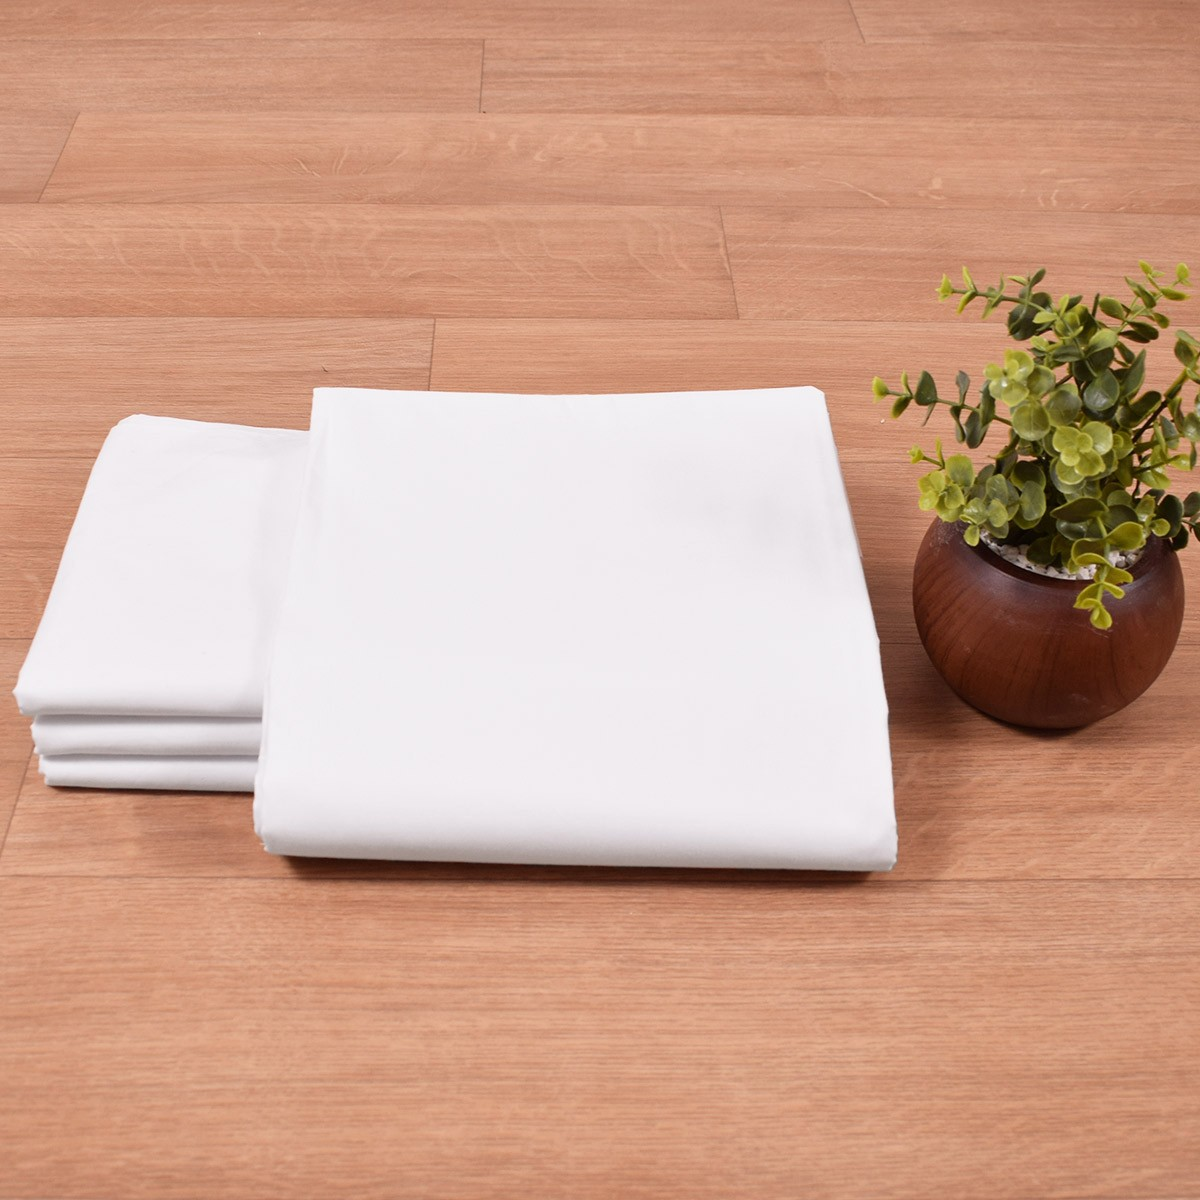 Σεντόνι (160x270) 60%Βαμβάκι 40%Polyester T220 home   επαγγελματικός εξοπλισμός   ξενοδοχειακός εξοπλισμός   σεντόνια ξενοδοχεί